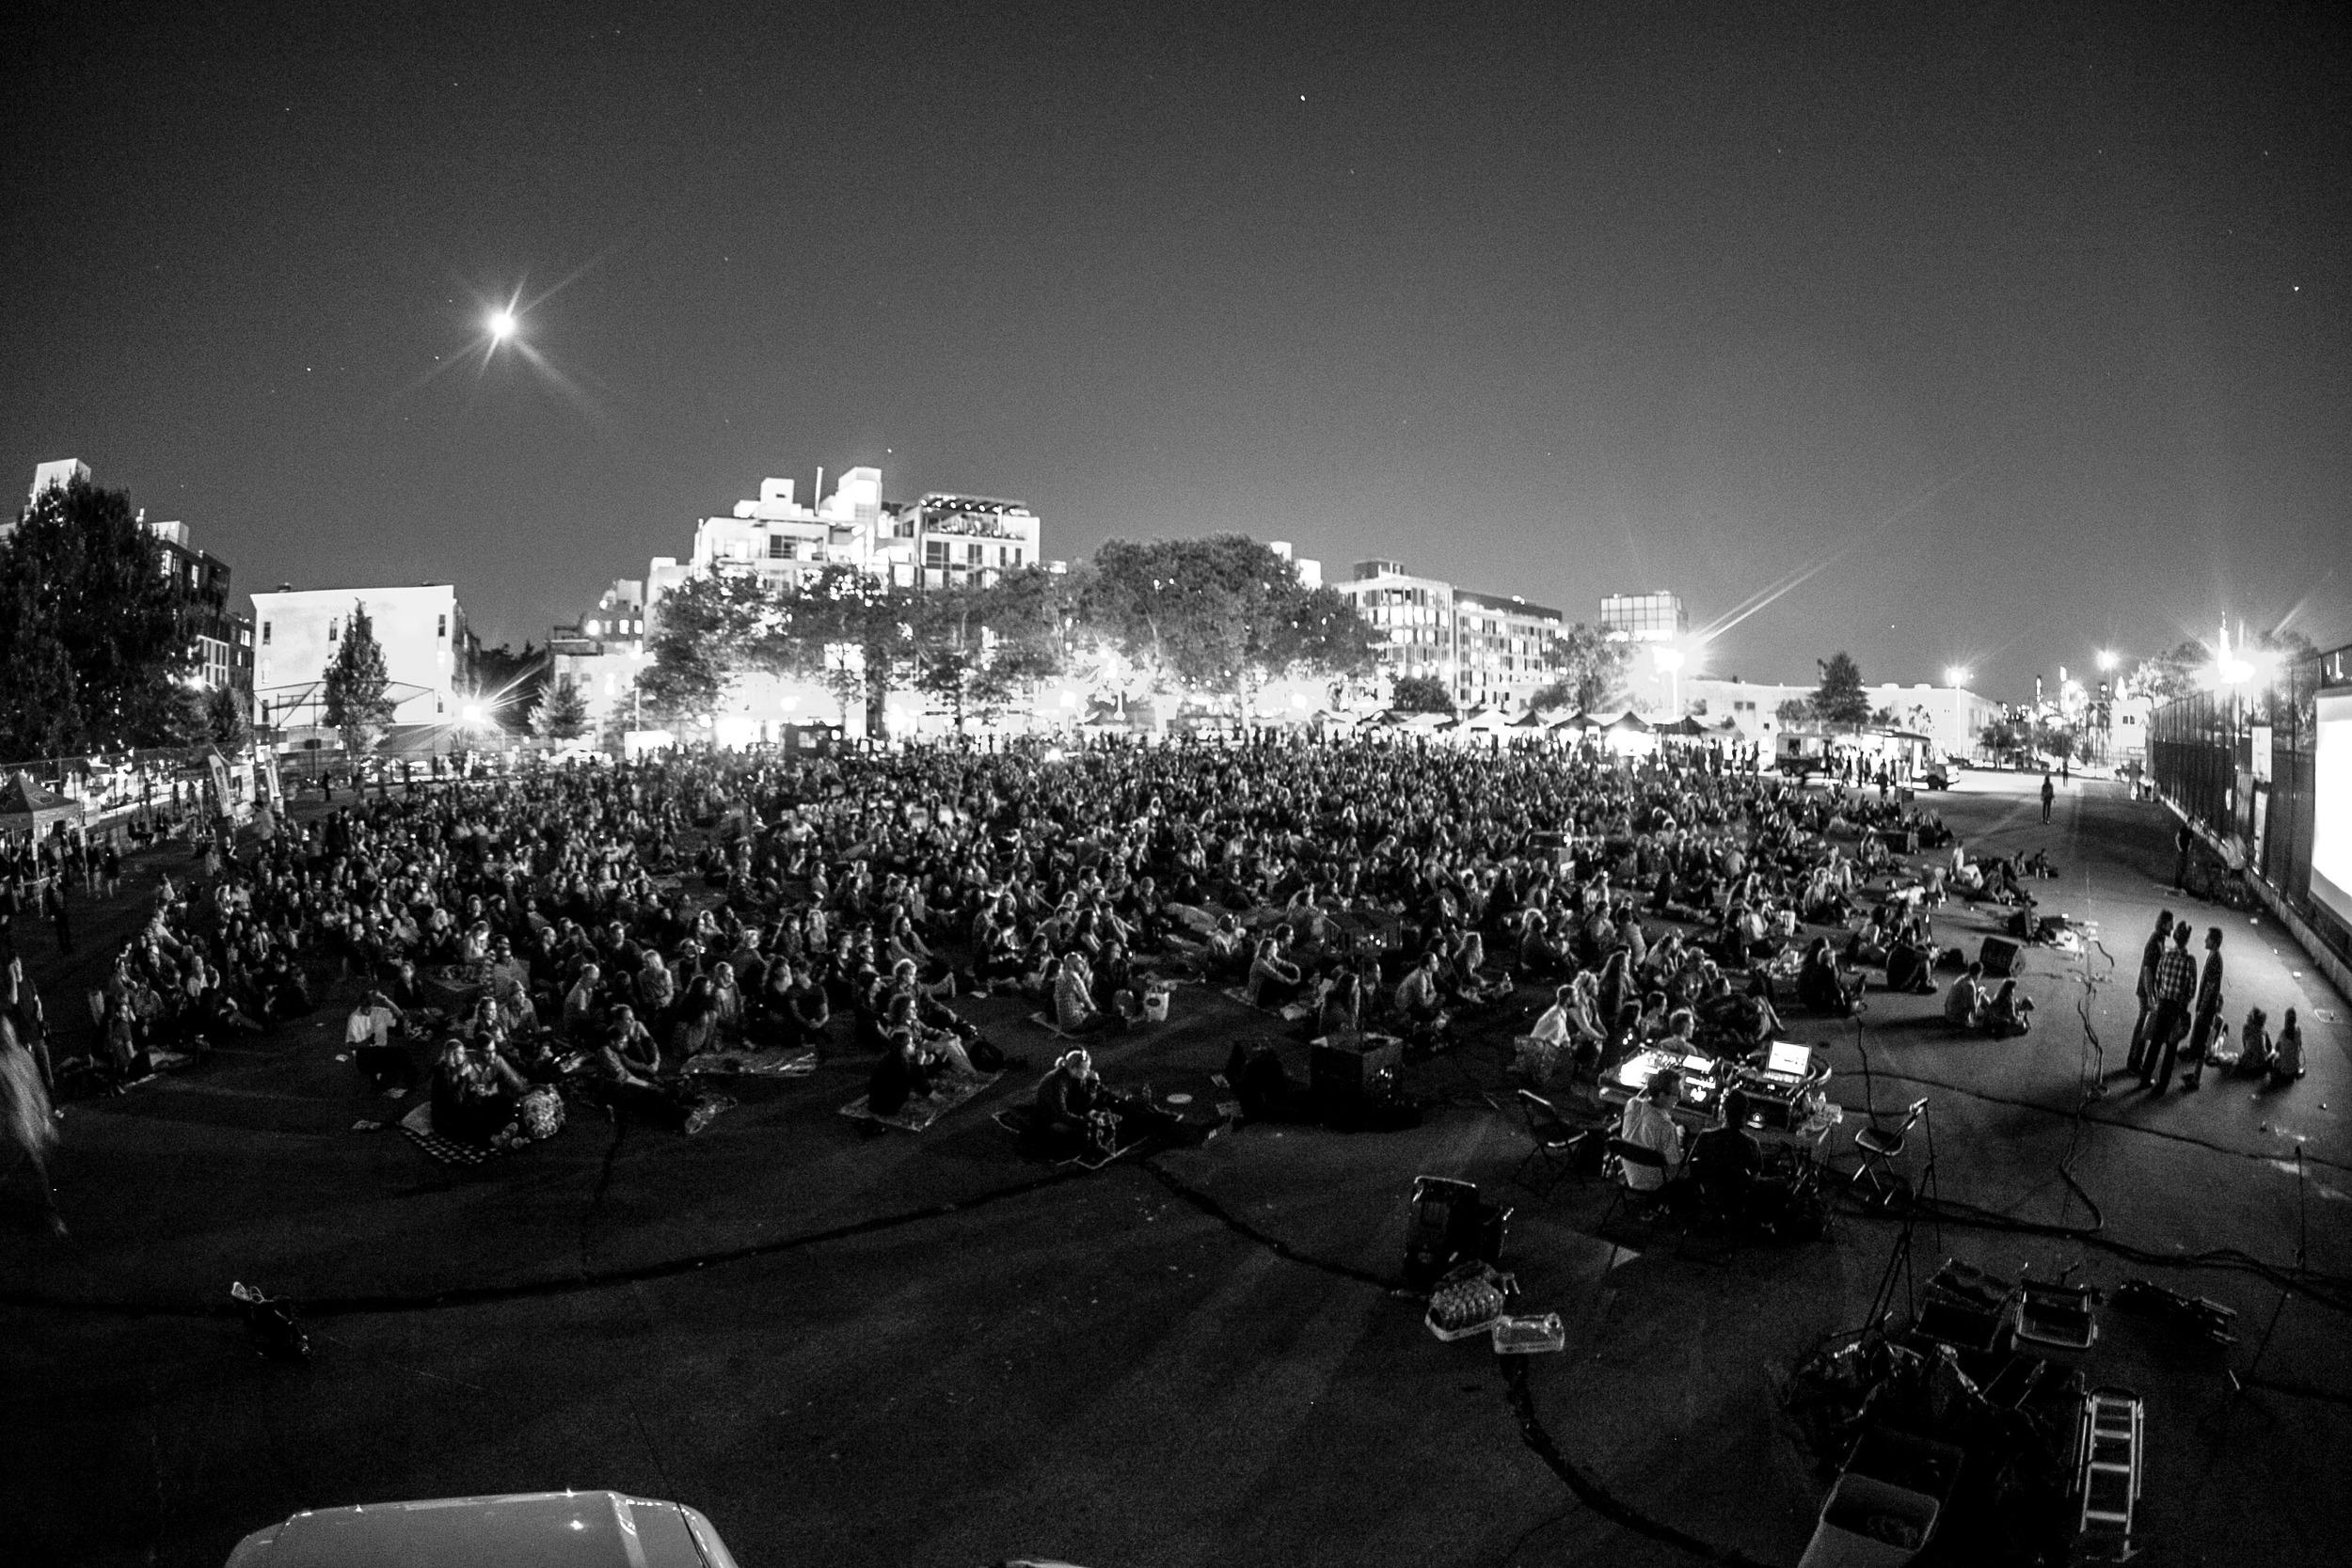 Summerscreen - Brooklyn Mag - Crowd Shots (36 of 46).jpg